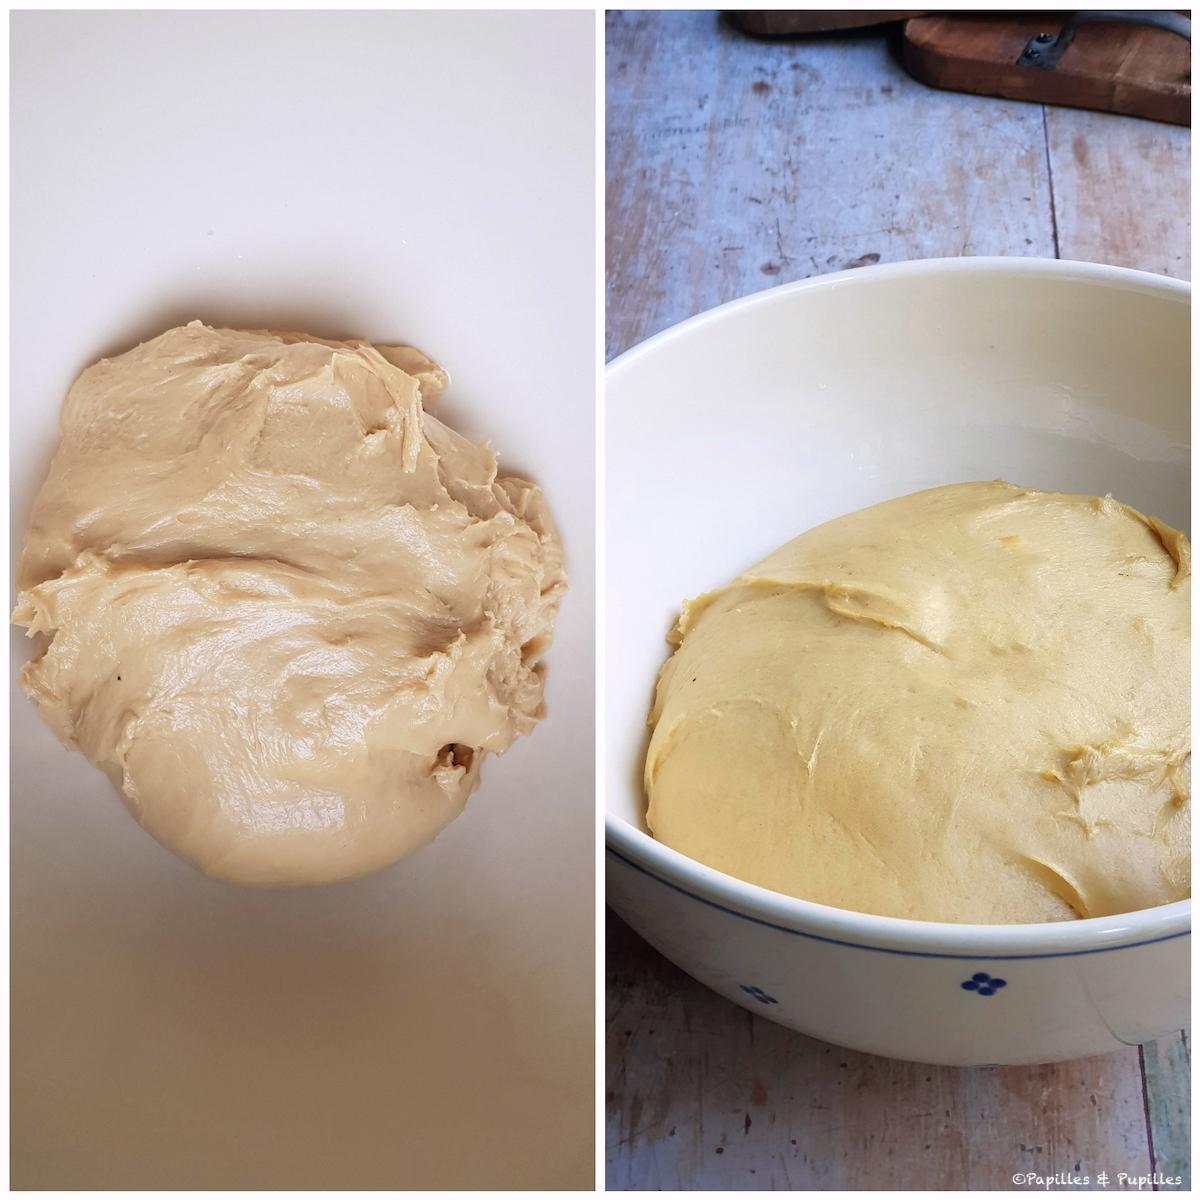 Pâte avant et après la levée